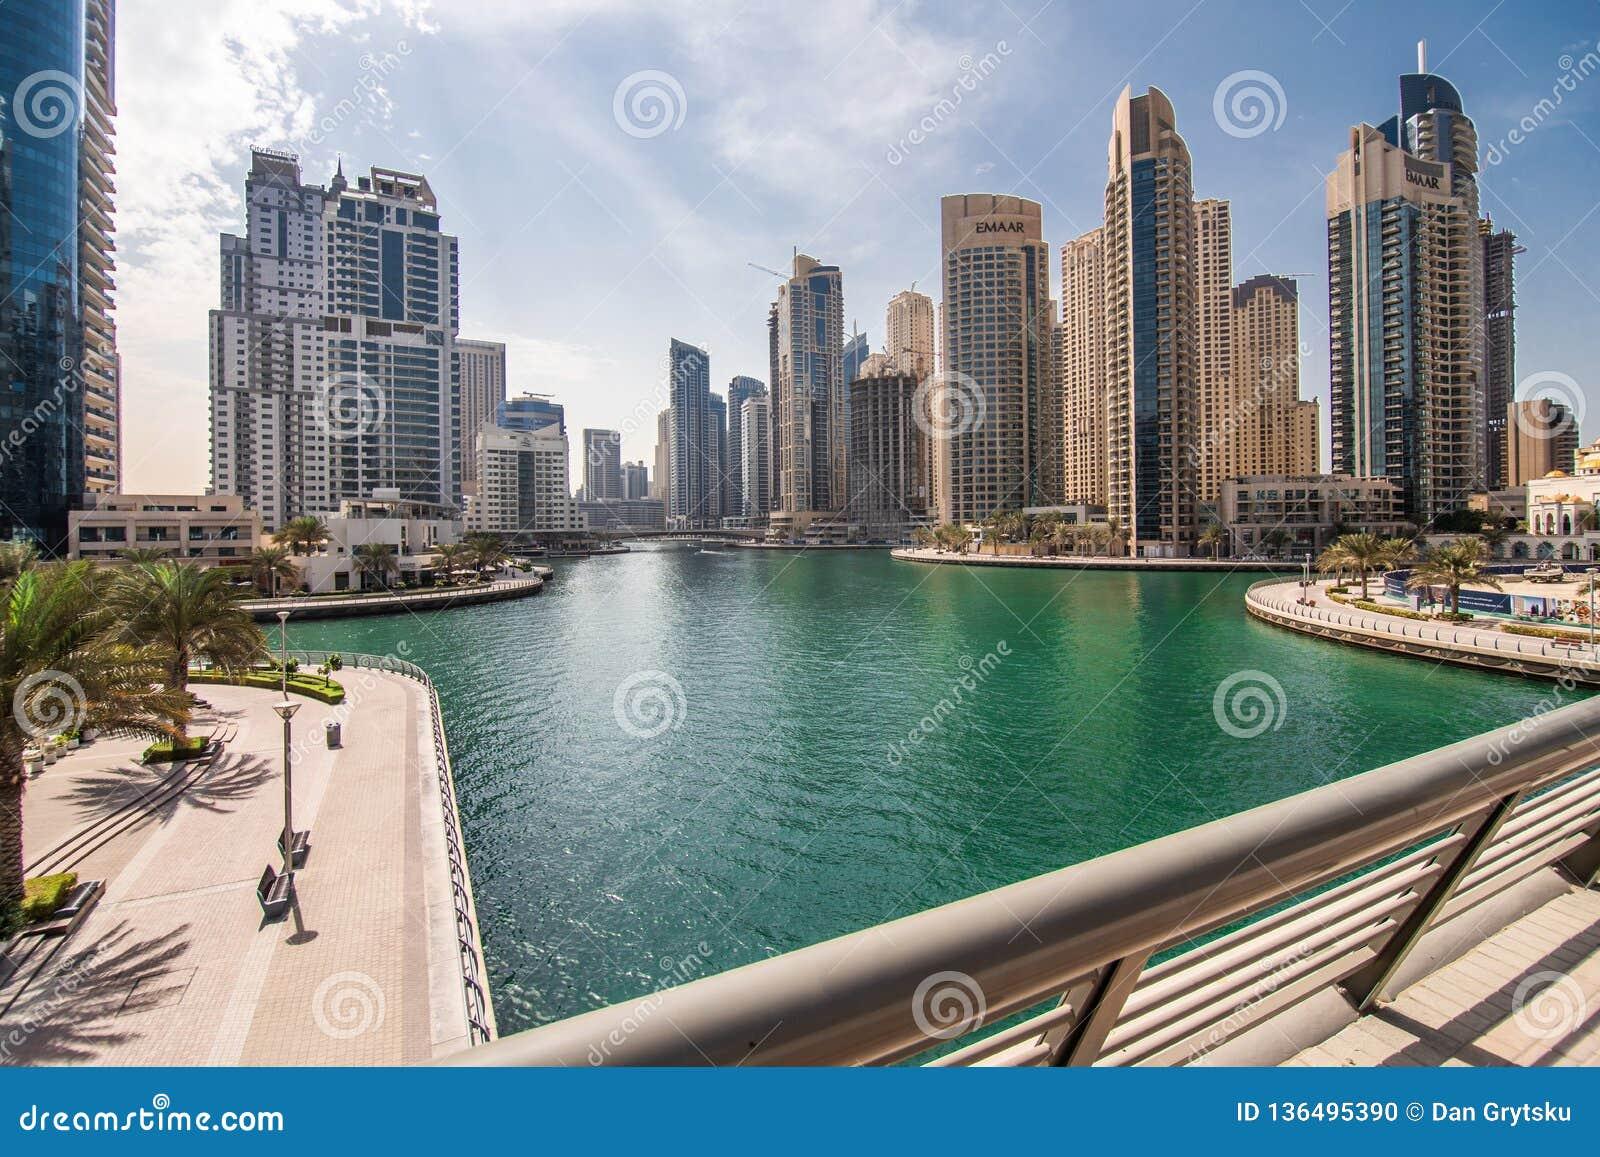 Дубай октябрь 2018 недвижимость на кипре объявления